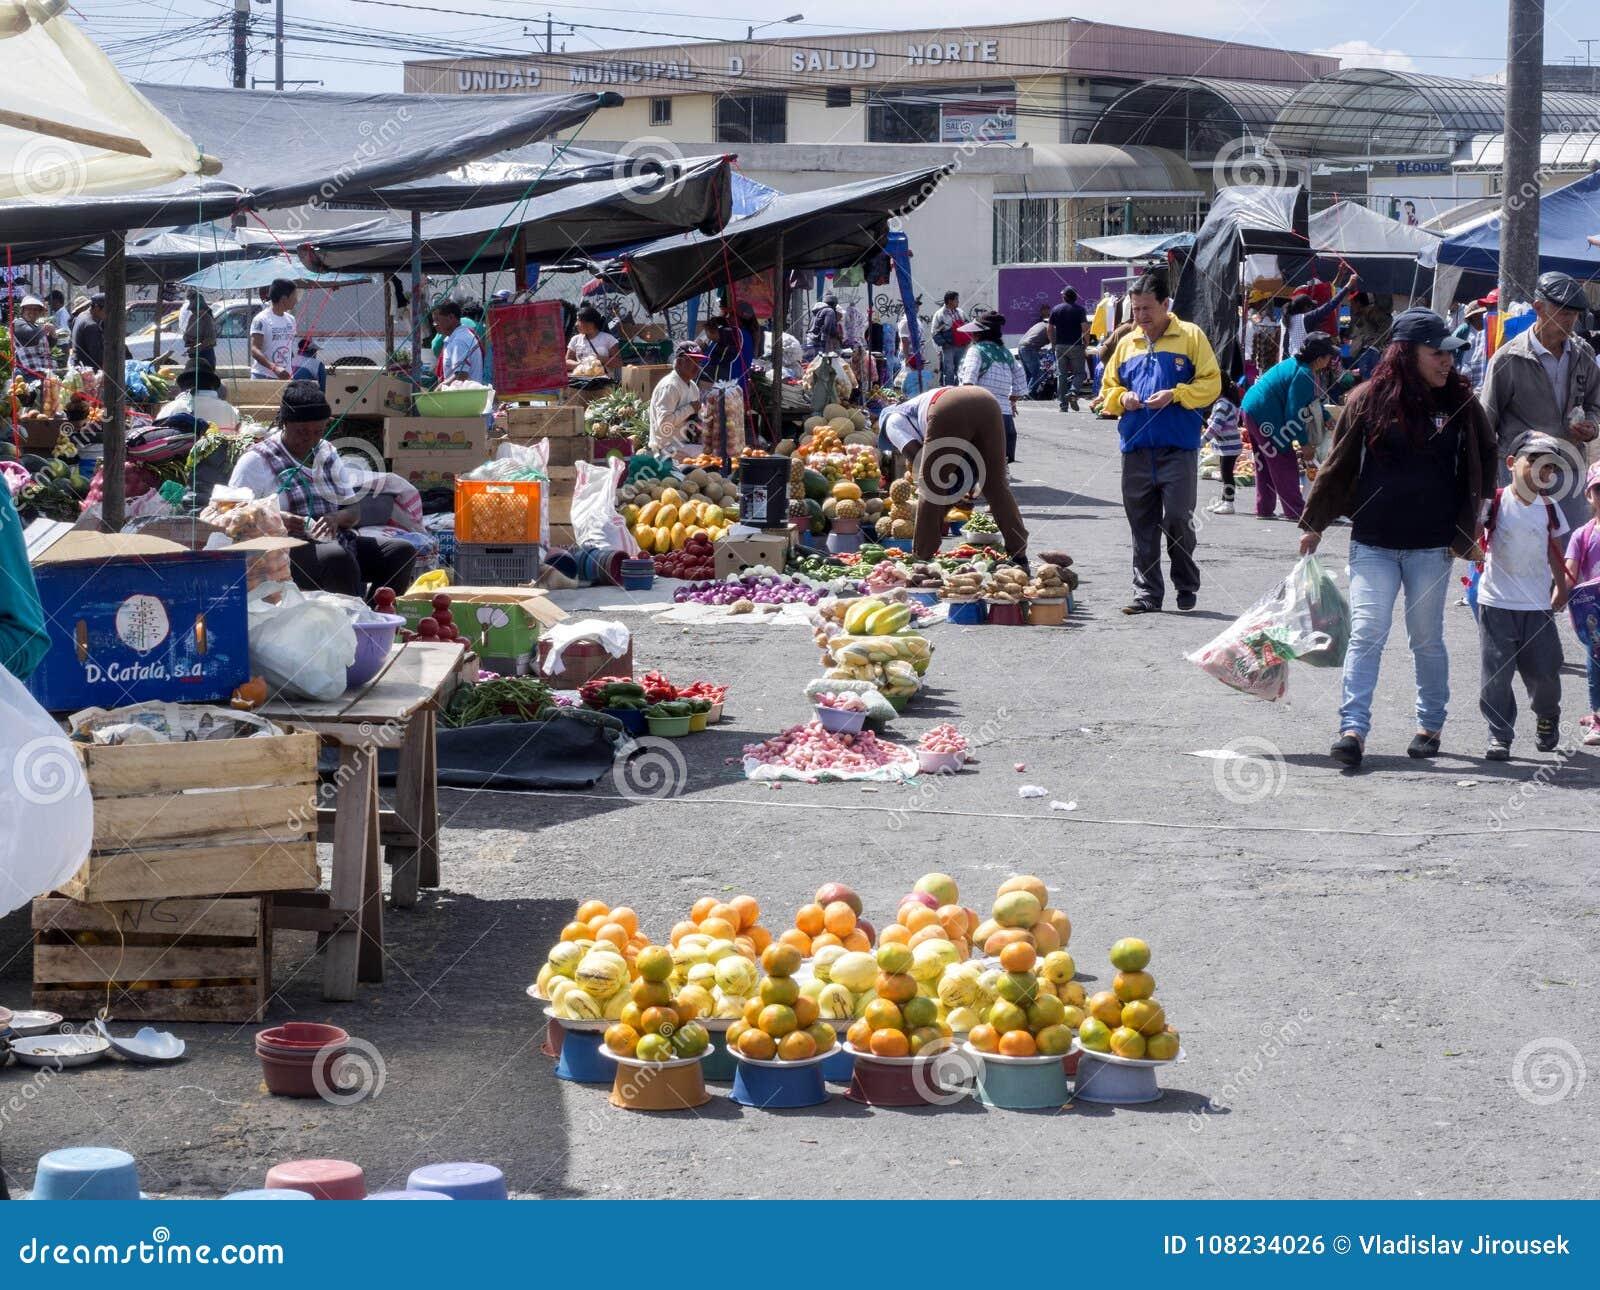 基多、EQUADOR - 2017年12月07日,果子富有的提议,菜和肉,基多市场, 2017年12月07日,基多,厄瓜多尔